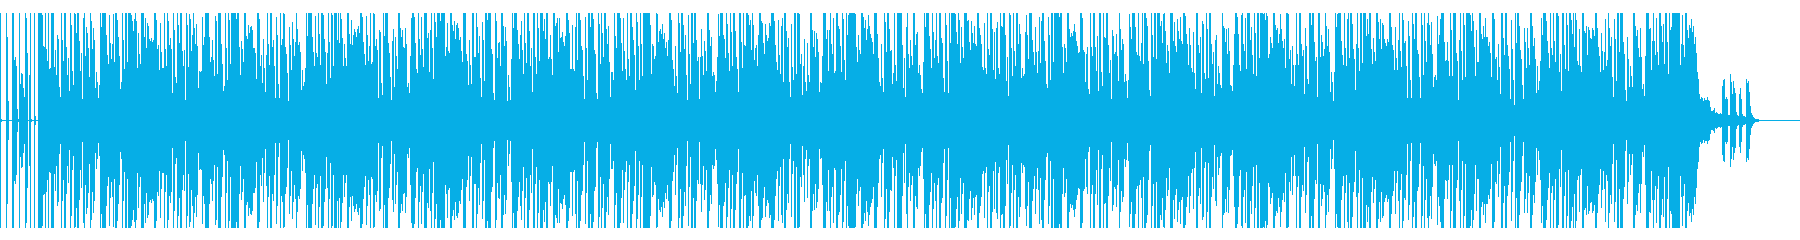 【短いVer6】70年代ファンクロック風の再生済みの波形